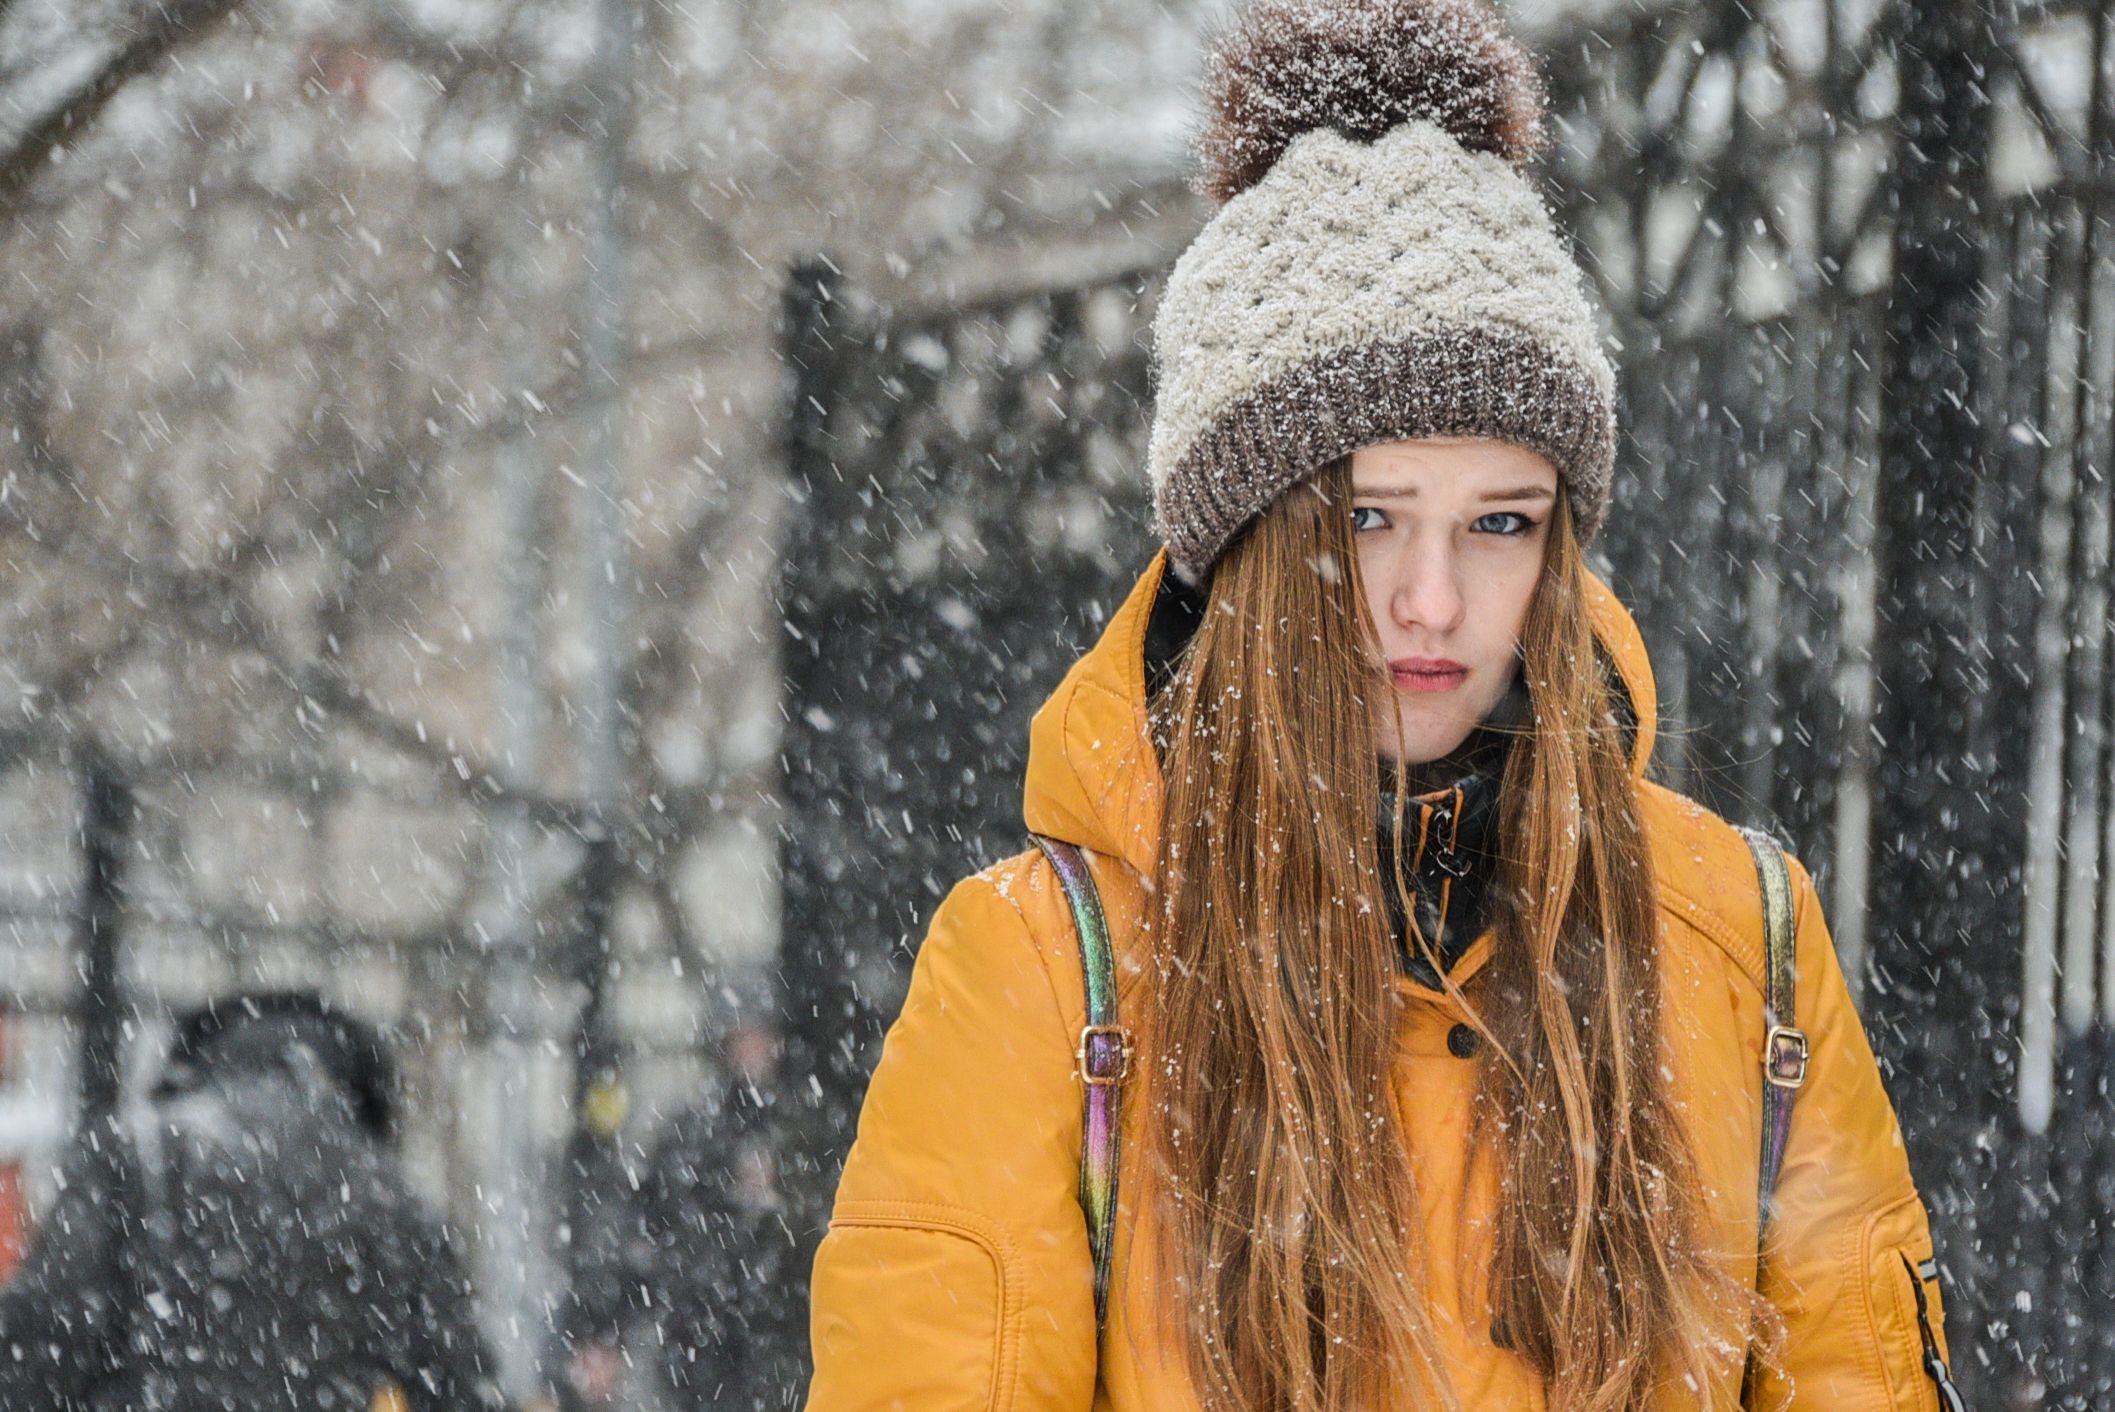 Синоптики Москвы объявили «желтый» уровень опасности до 6 декабря